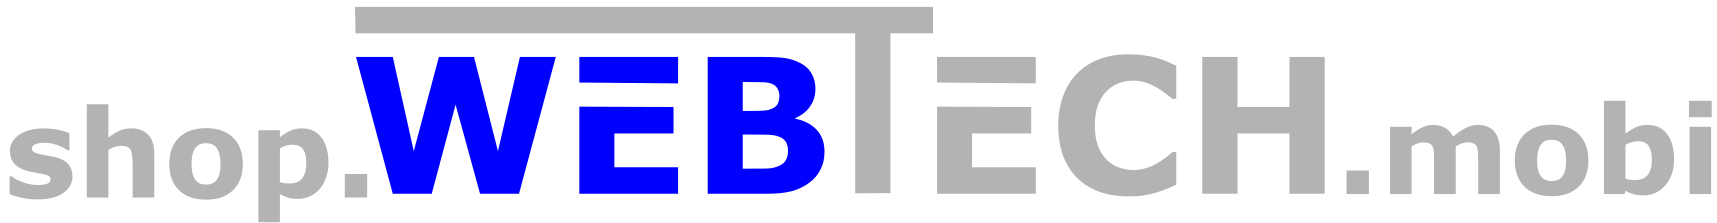 Kreditportal, Foxcredit Deutschland, BRD, Deutschland, Webtech Media, WebTech, Website Design, Website Flatrate, webtech2web, webtech2car, Foxtrading, Online-Trading, ForexMart, Devisen, Devisenhandel, Forex Trading, Forex, Webdesign, Website,